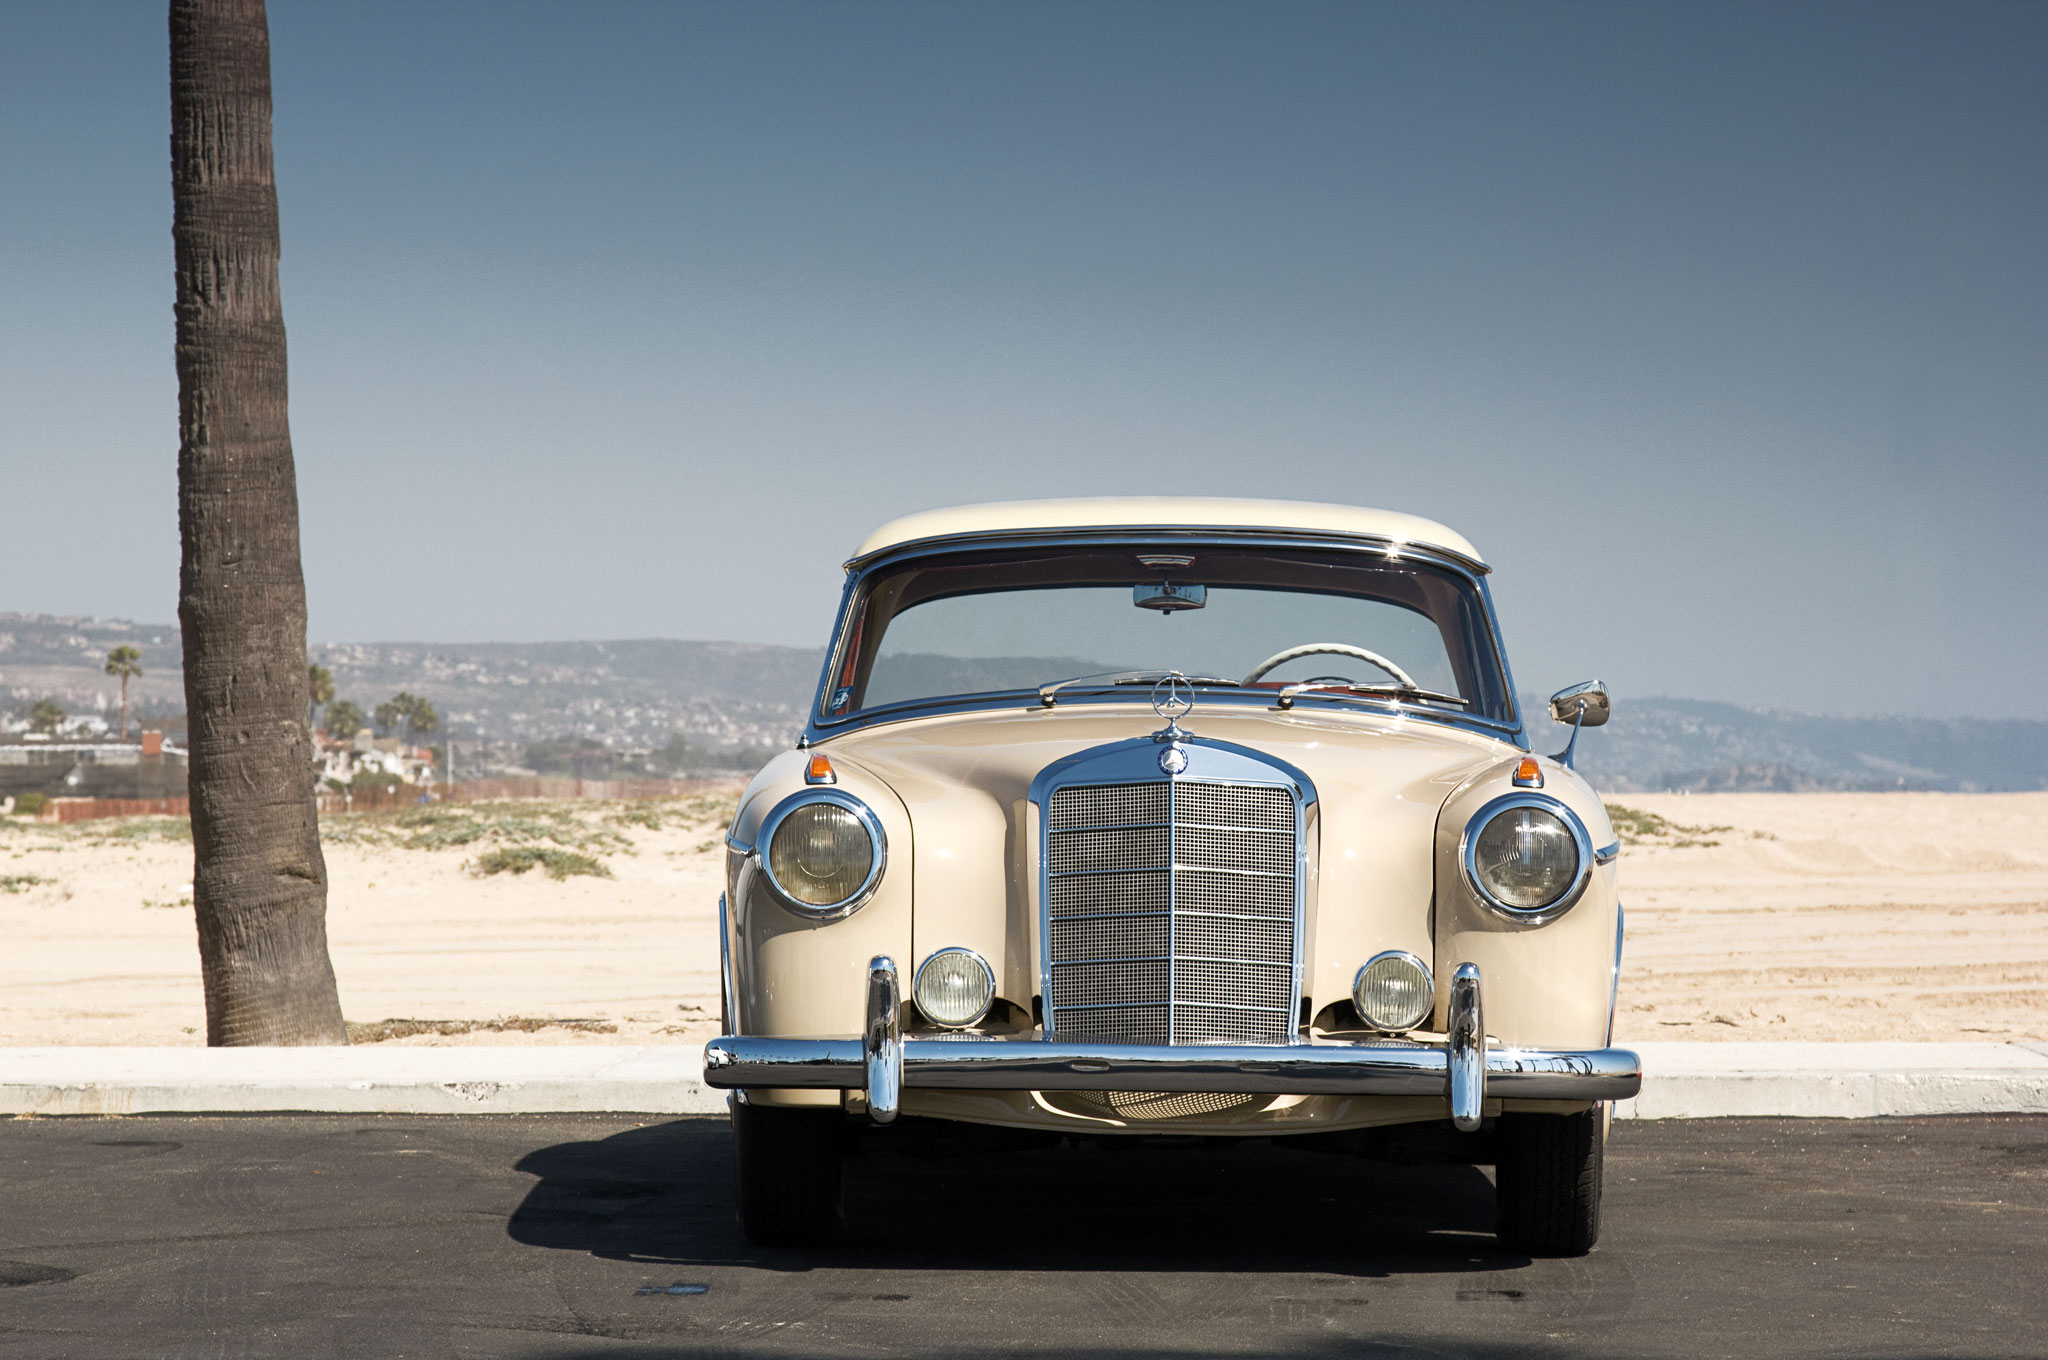 1956 1960 Mercedes Benz 220S 220SE Front View1